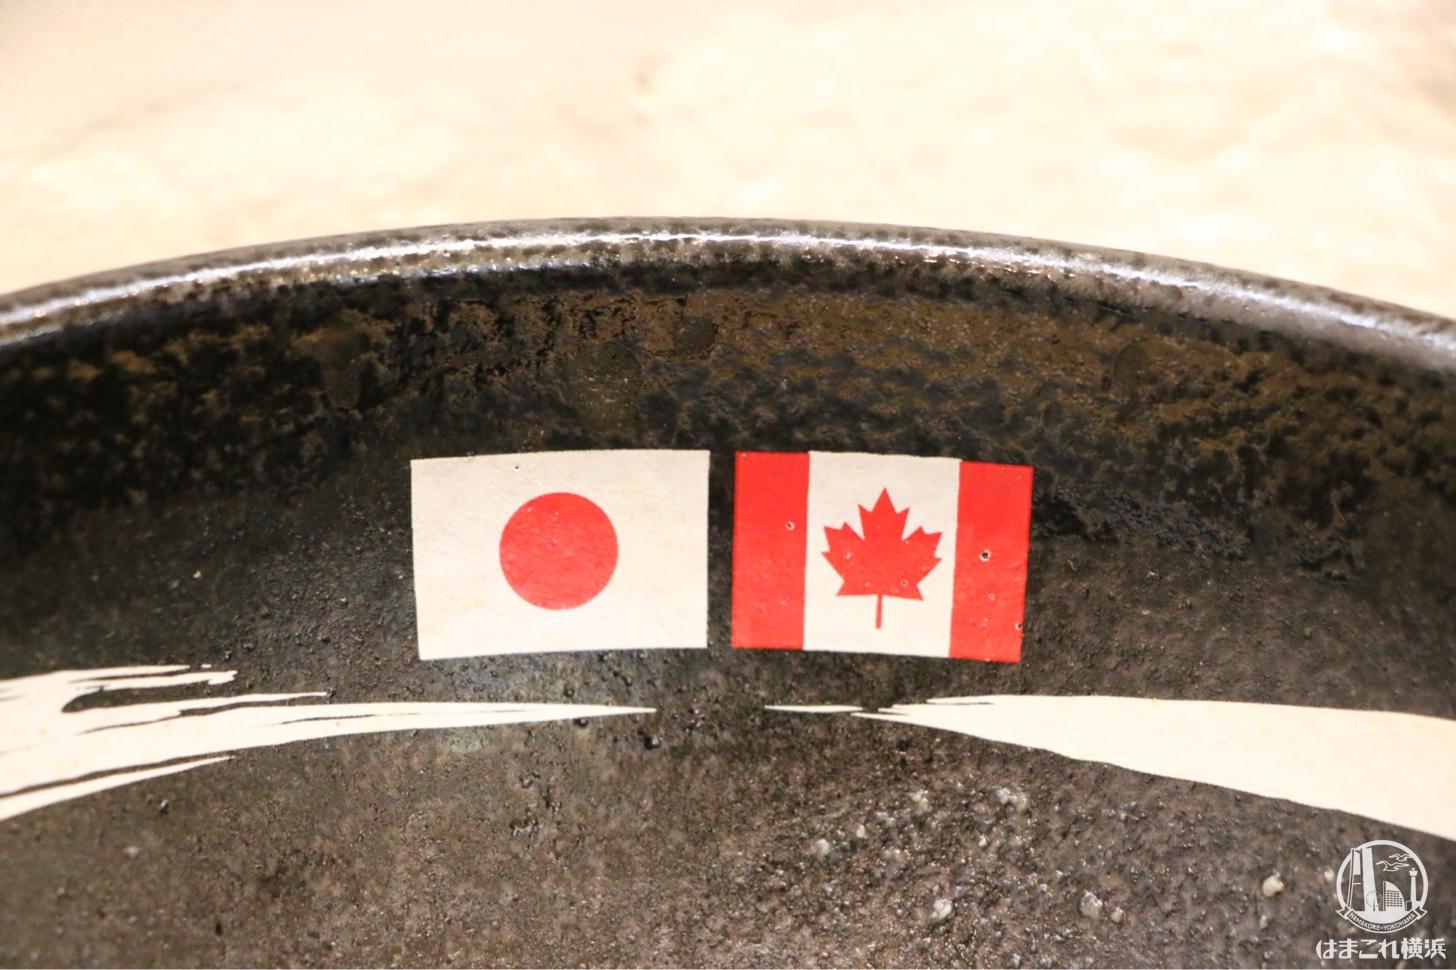 日本とカナダの国旗を描く丼